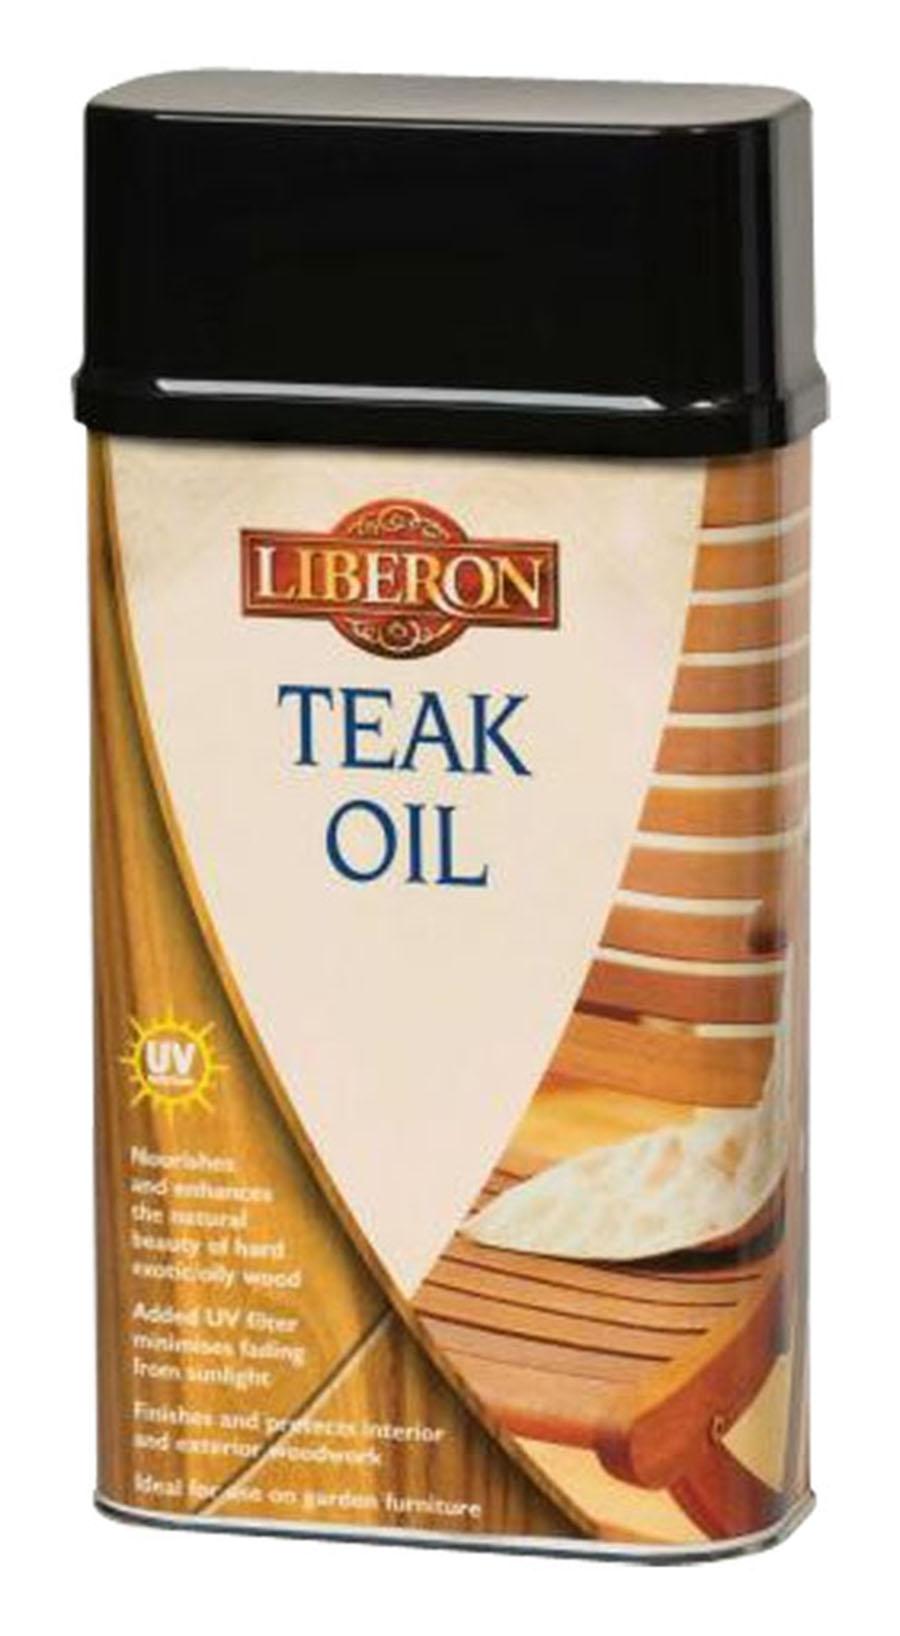 liberon teak oil with uv filter. Black Bedroom Furniture Sets. Home Design Ideas